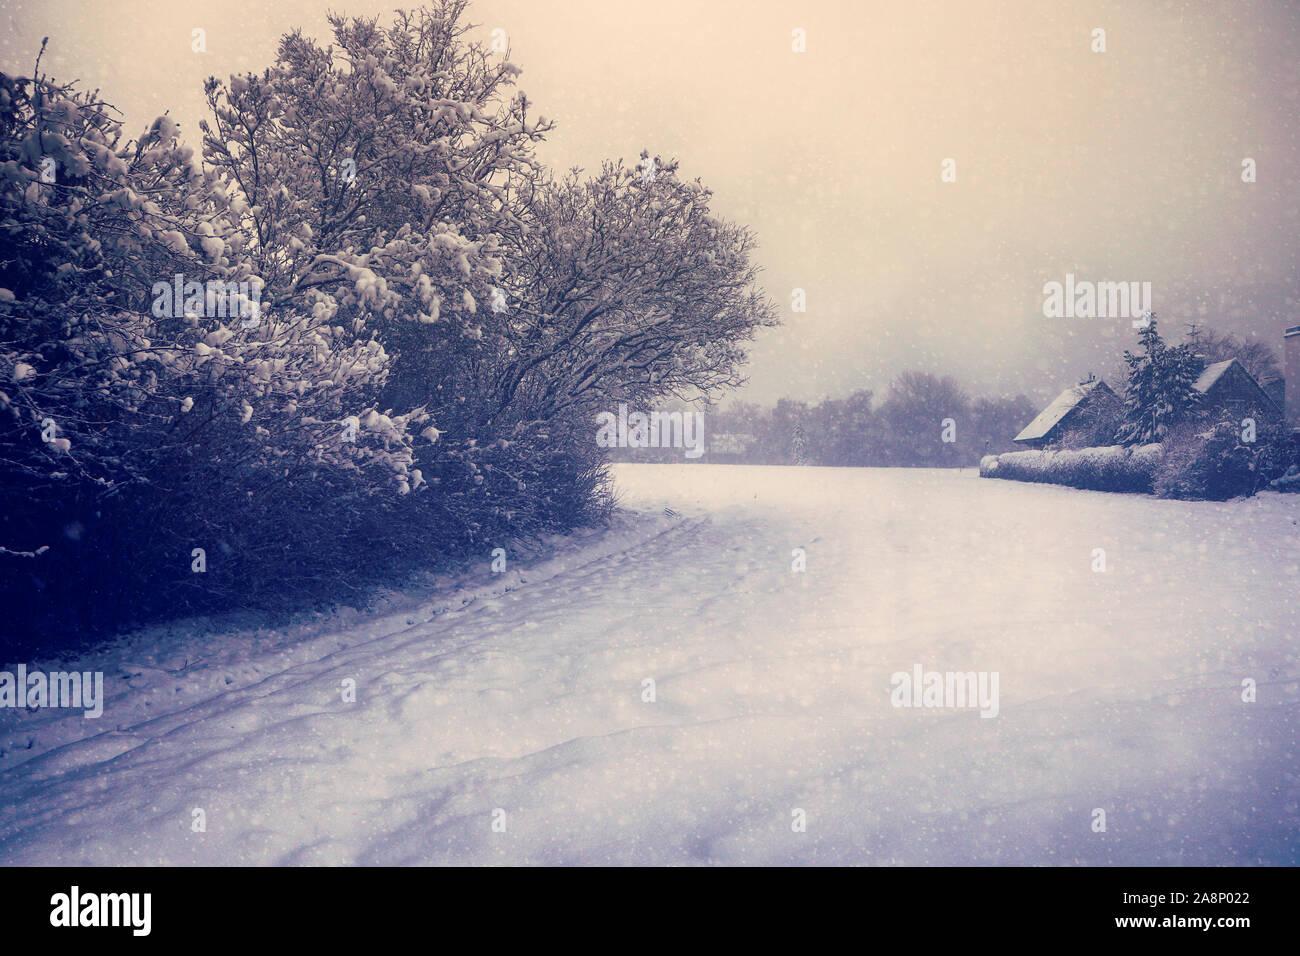 Pays d'hiver magnifique paysage à la tombée de la nuit: le champ couvert par la neige, ferme, arbres et de neige Banque D'Images